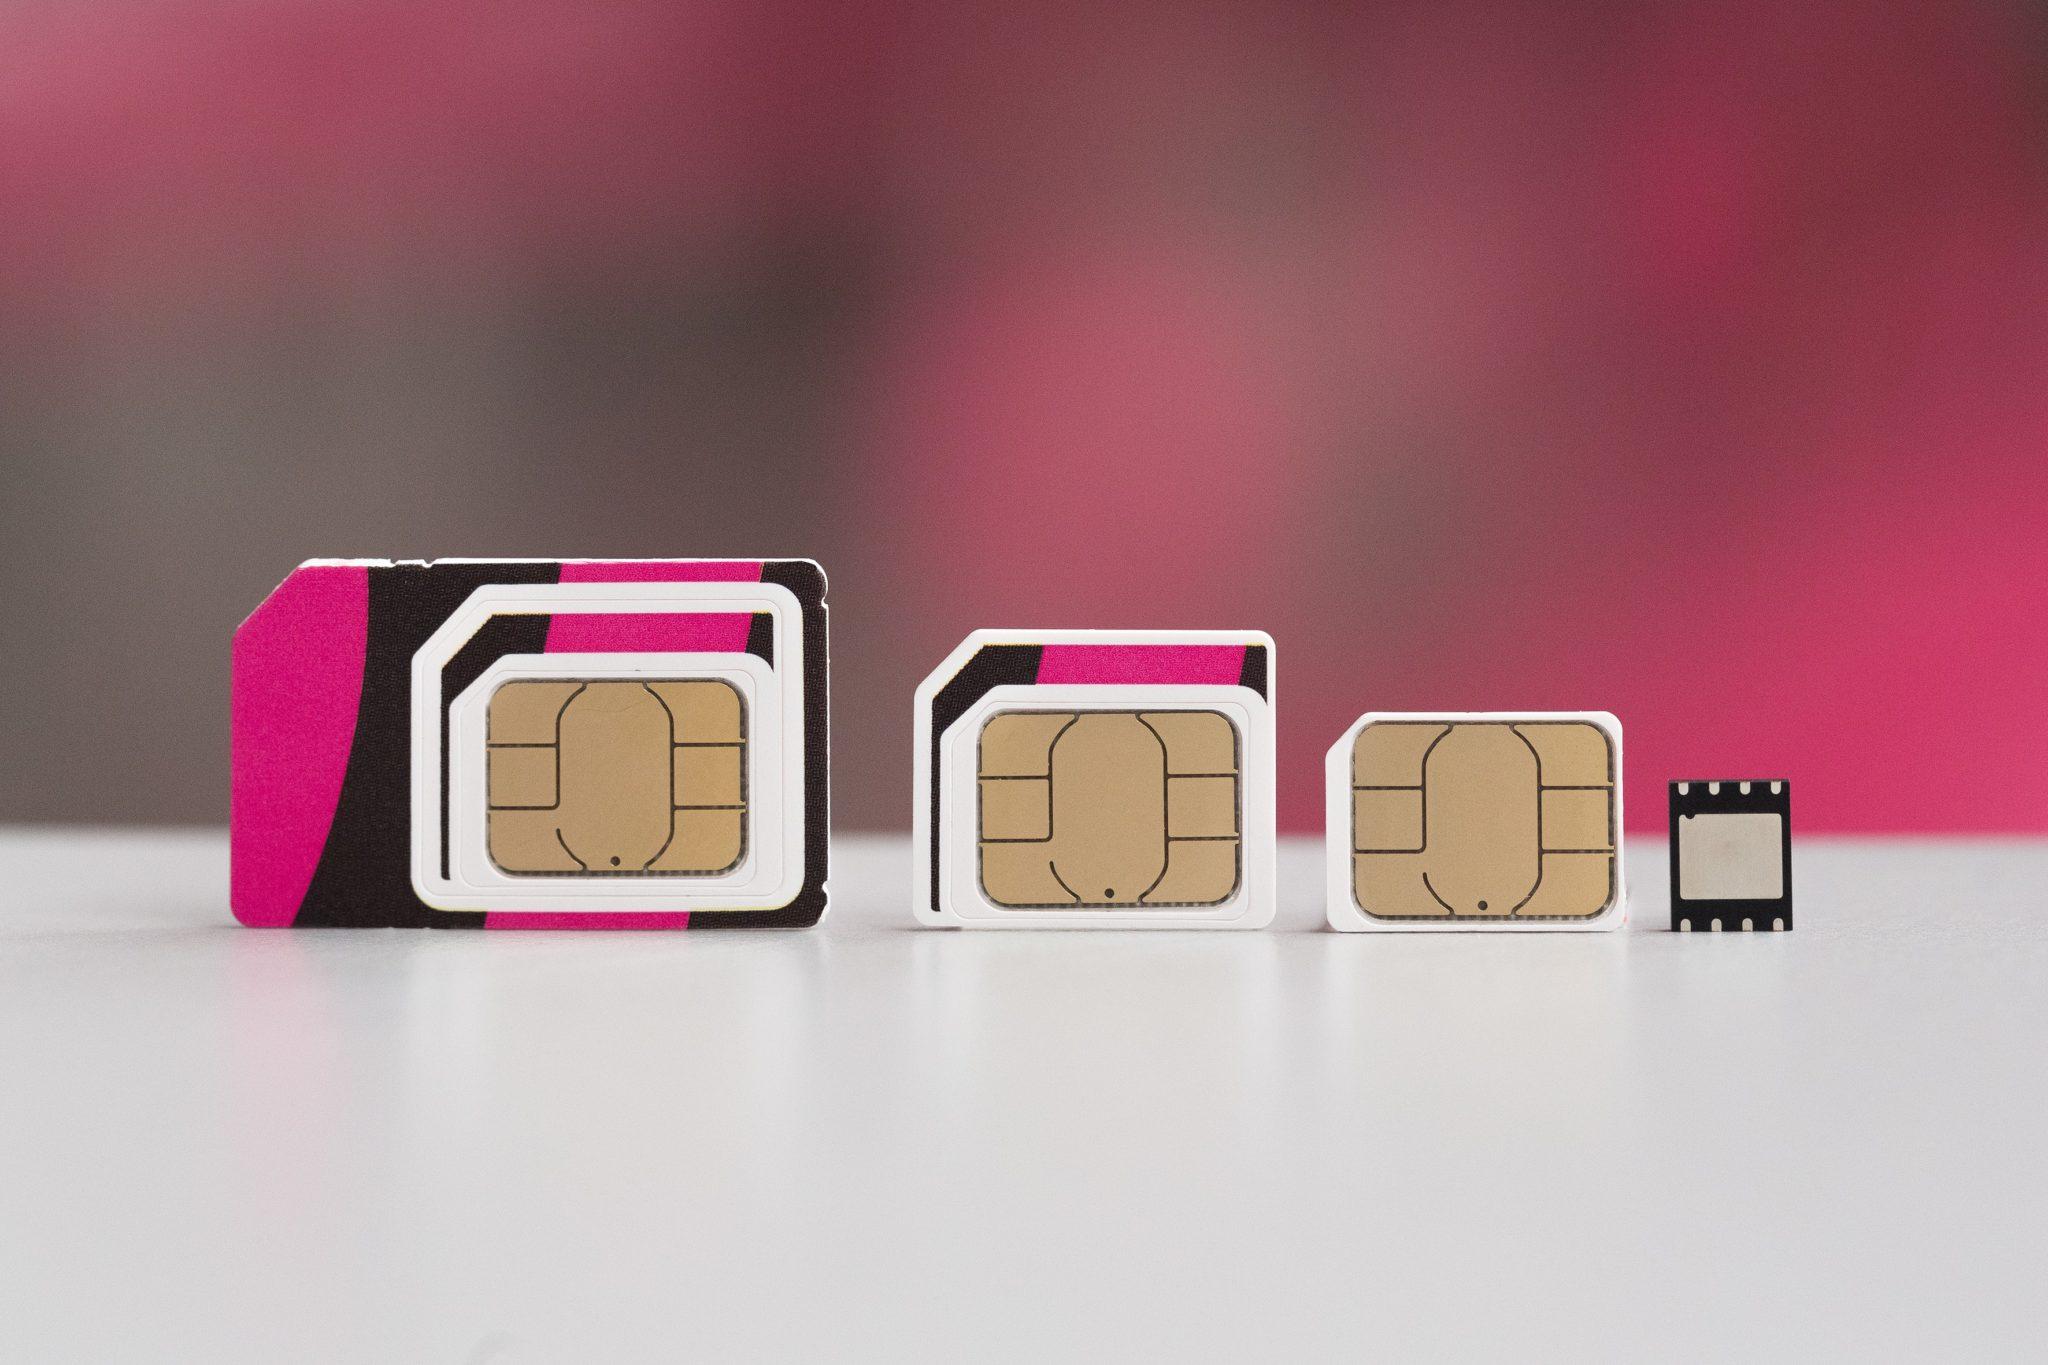 Brzy bychom se měli dočkat mobilů s eSIM [Android]